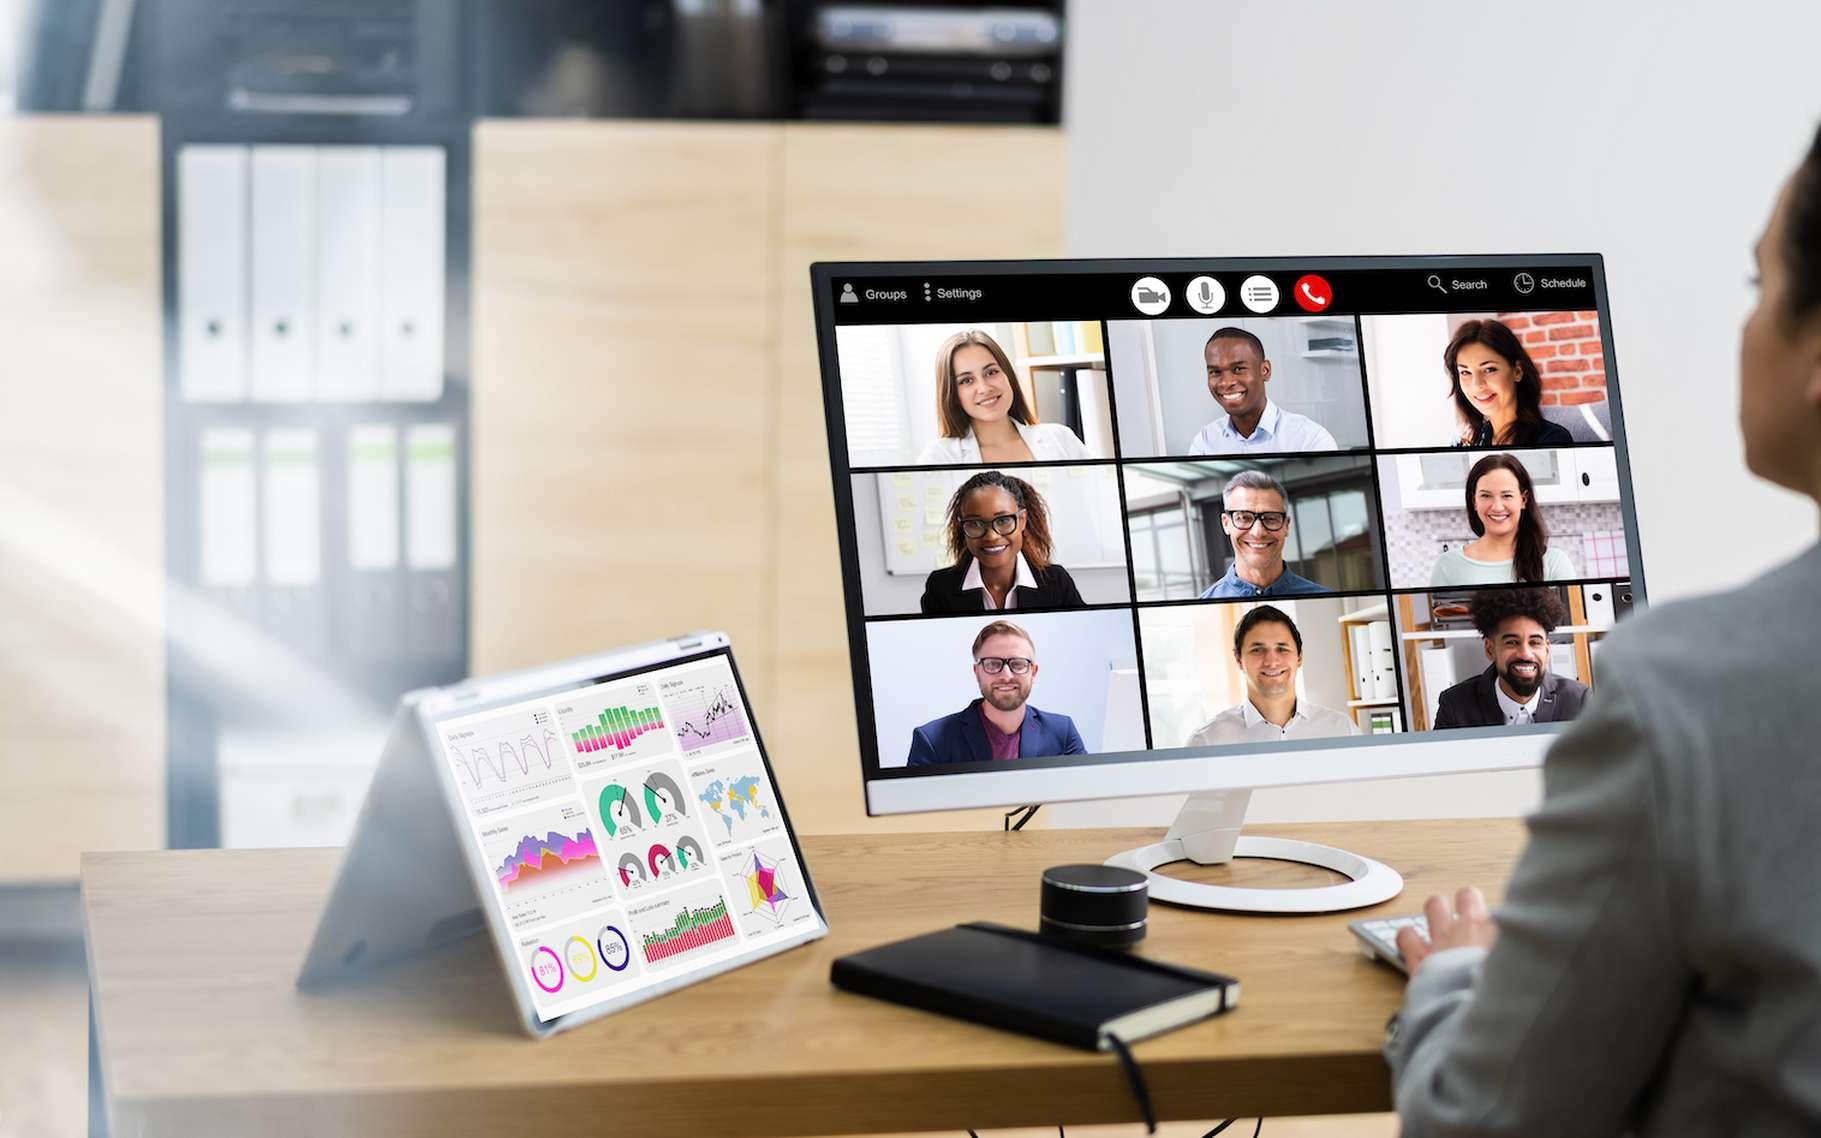 L'empreinte environnementale des réunions virtuelles peut être plus importante qu'on l'imagine a priori. Surtout si on laisse sa caméra branchée. © Andrey Popov, Adobe Stock